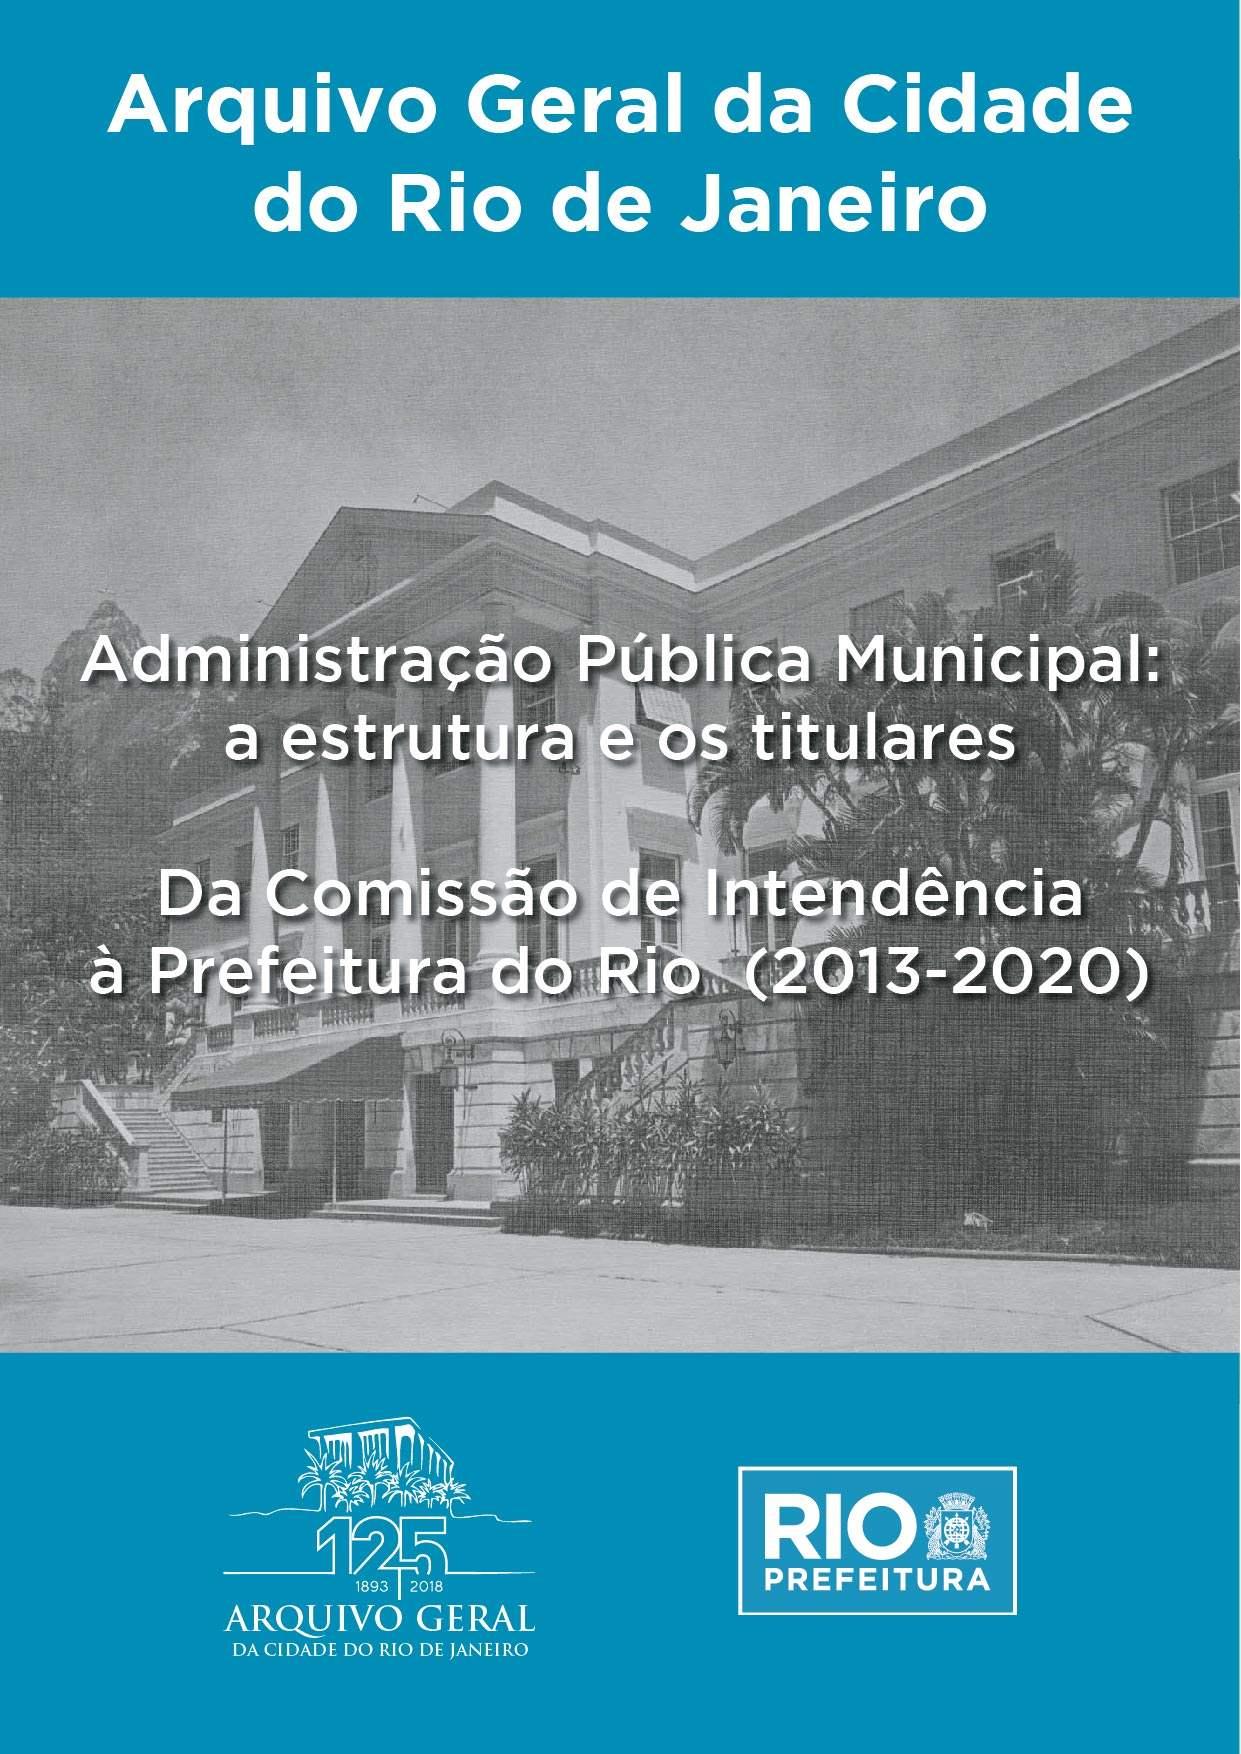 Administração Pública Municipal. A estrutura e os titulares Da Comissão de Intendência à Prefeitura do Rio (2013-2020). Volume II